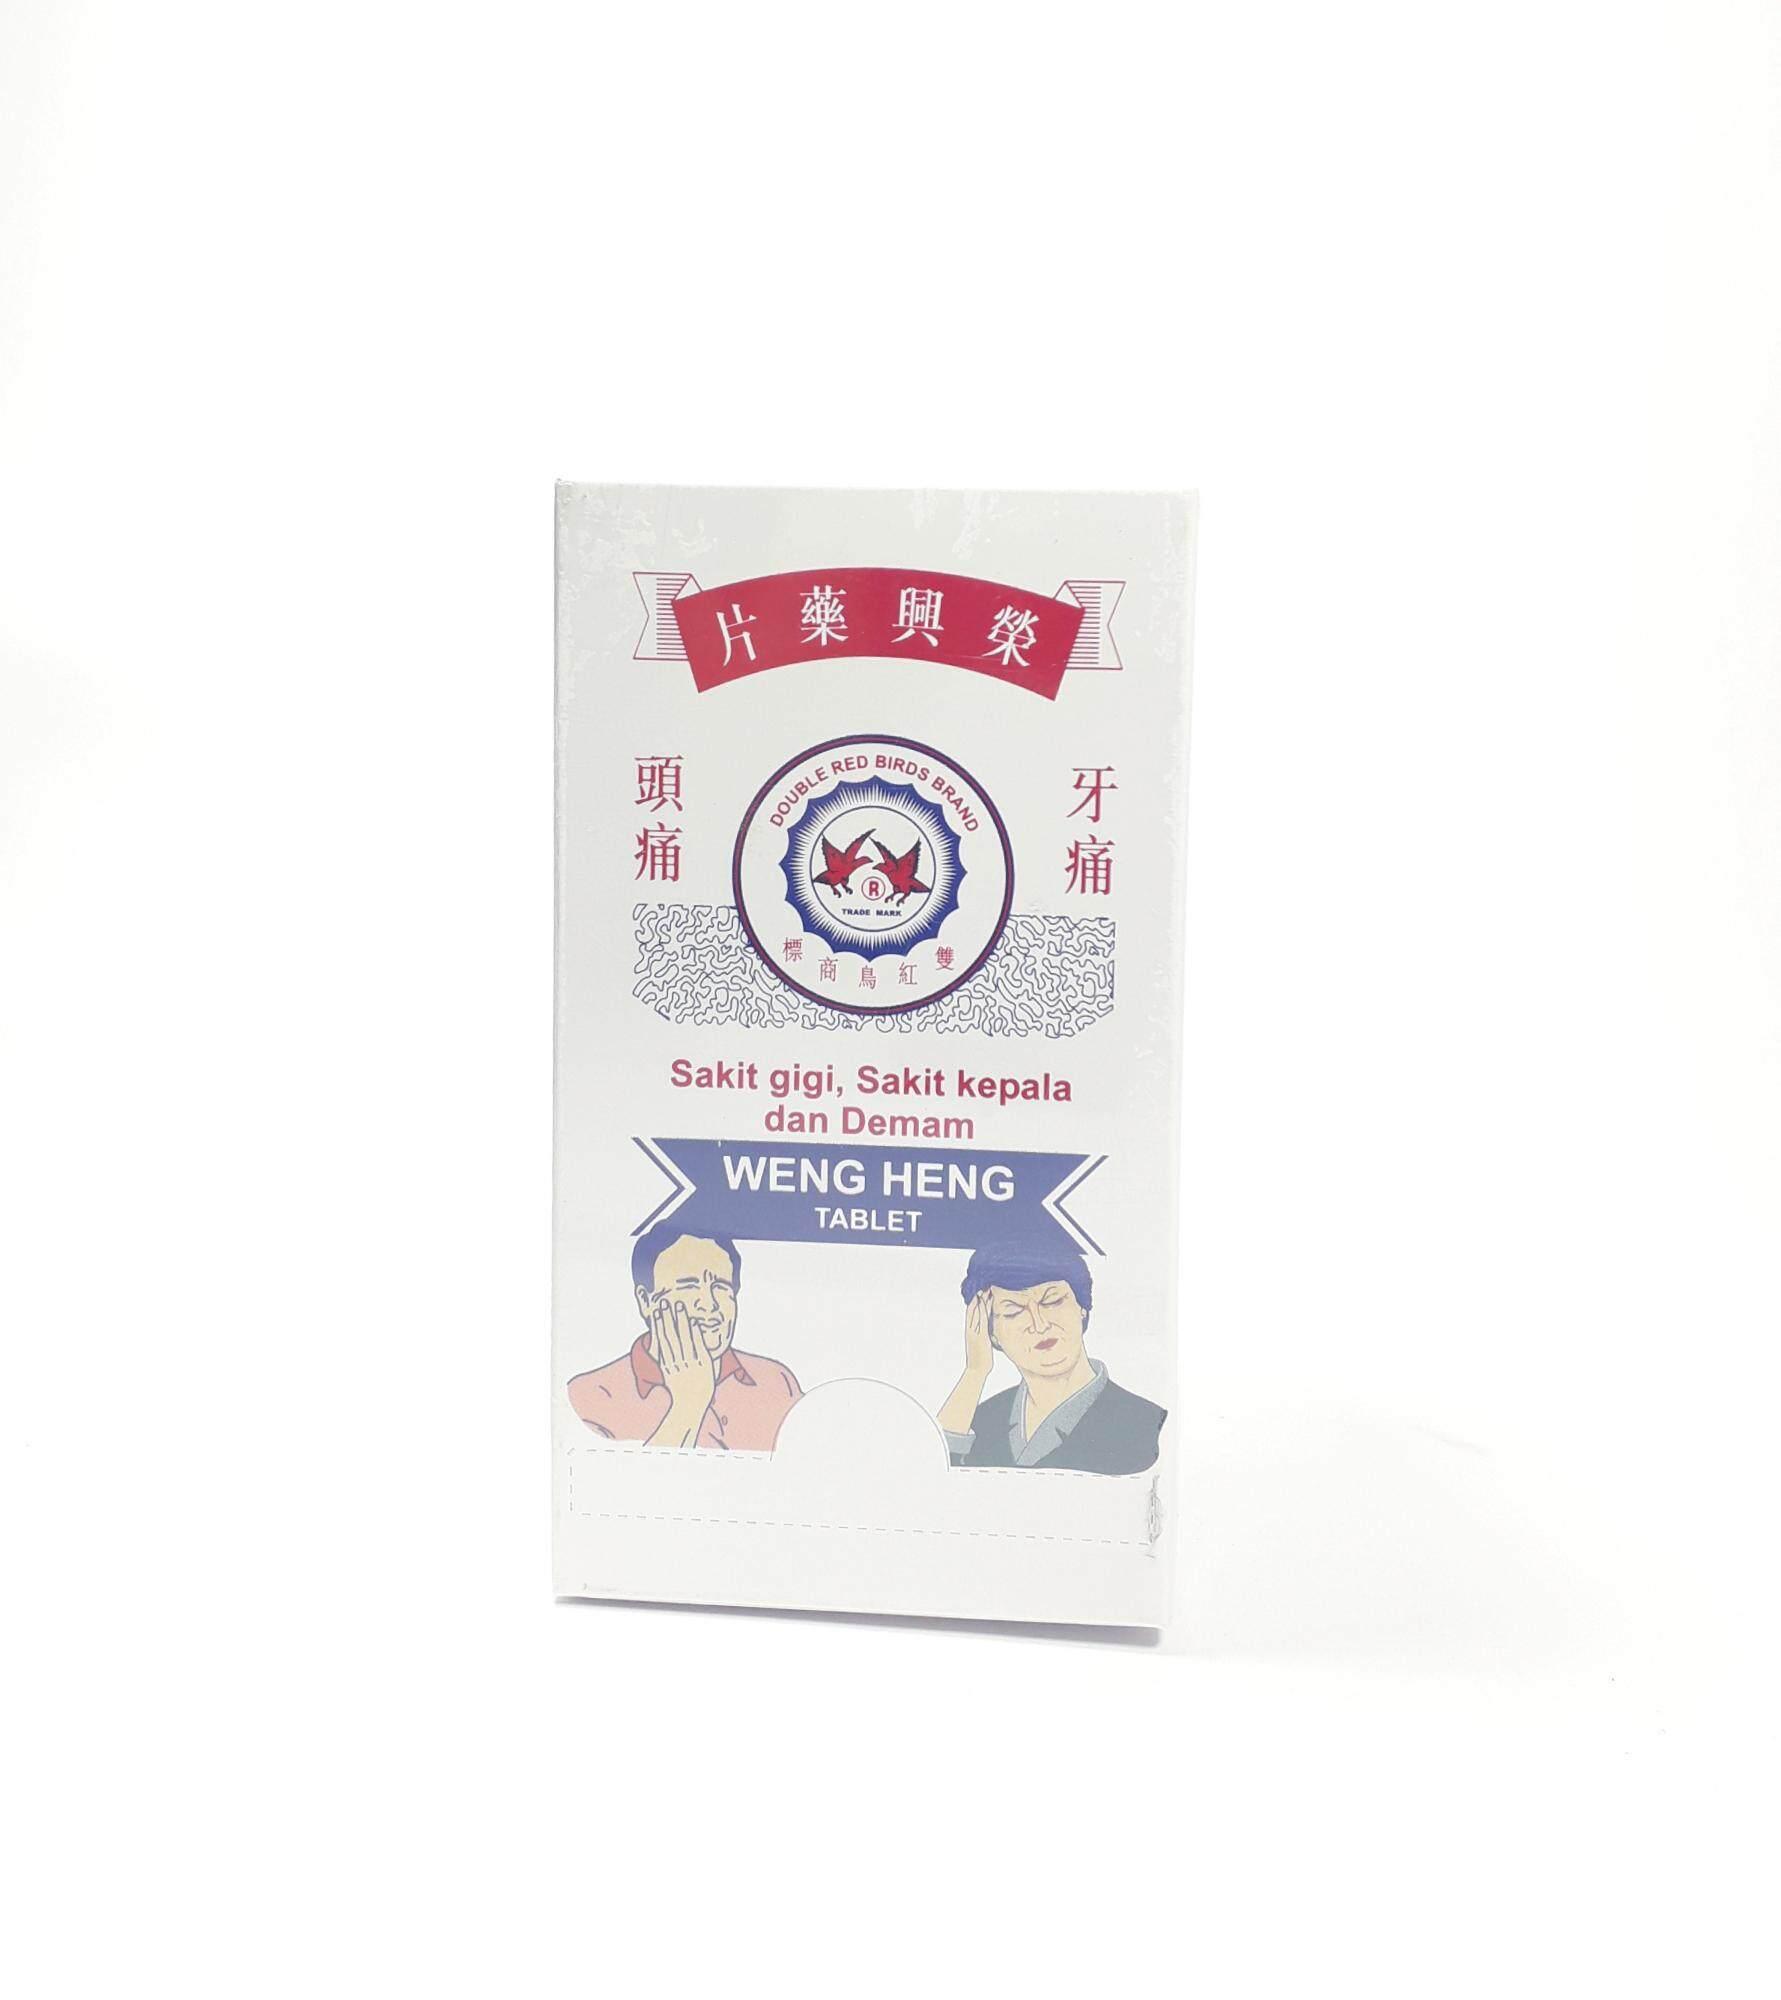 Weng Heng Tablet  2'strip  X 50'strip Ubat sakit gigi